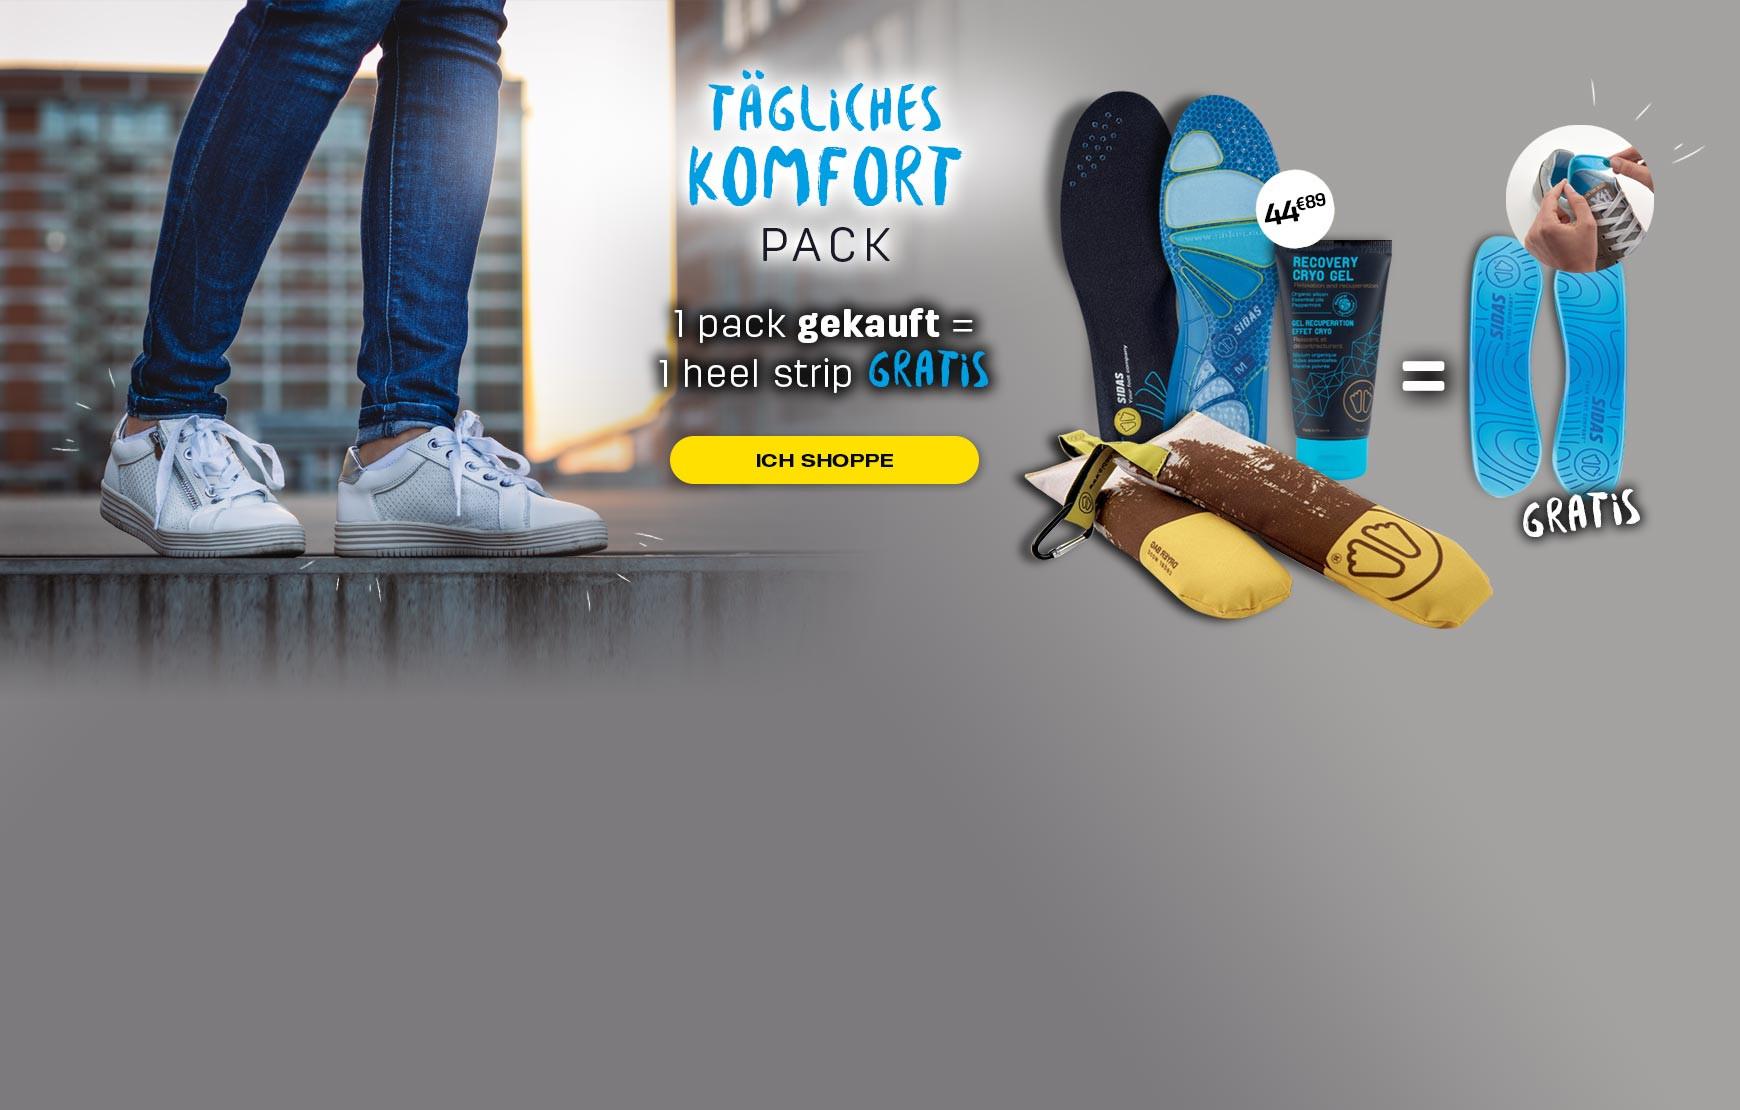 Entdecken Sie unser tägliches Komfortpaket, das jeden Tag für den Komfort Ihrer Füße sorgt!